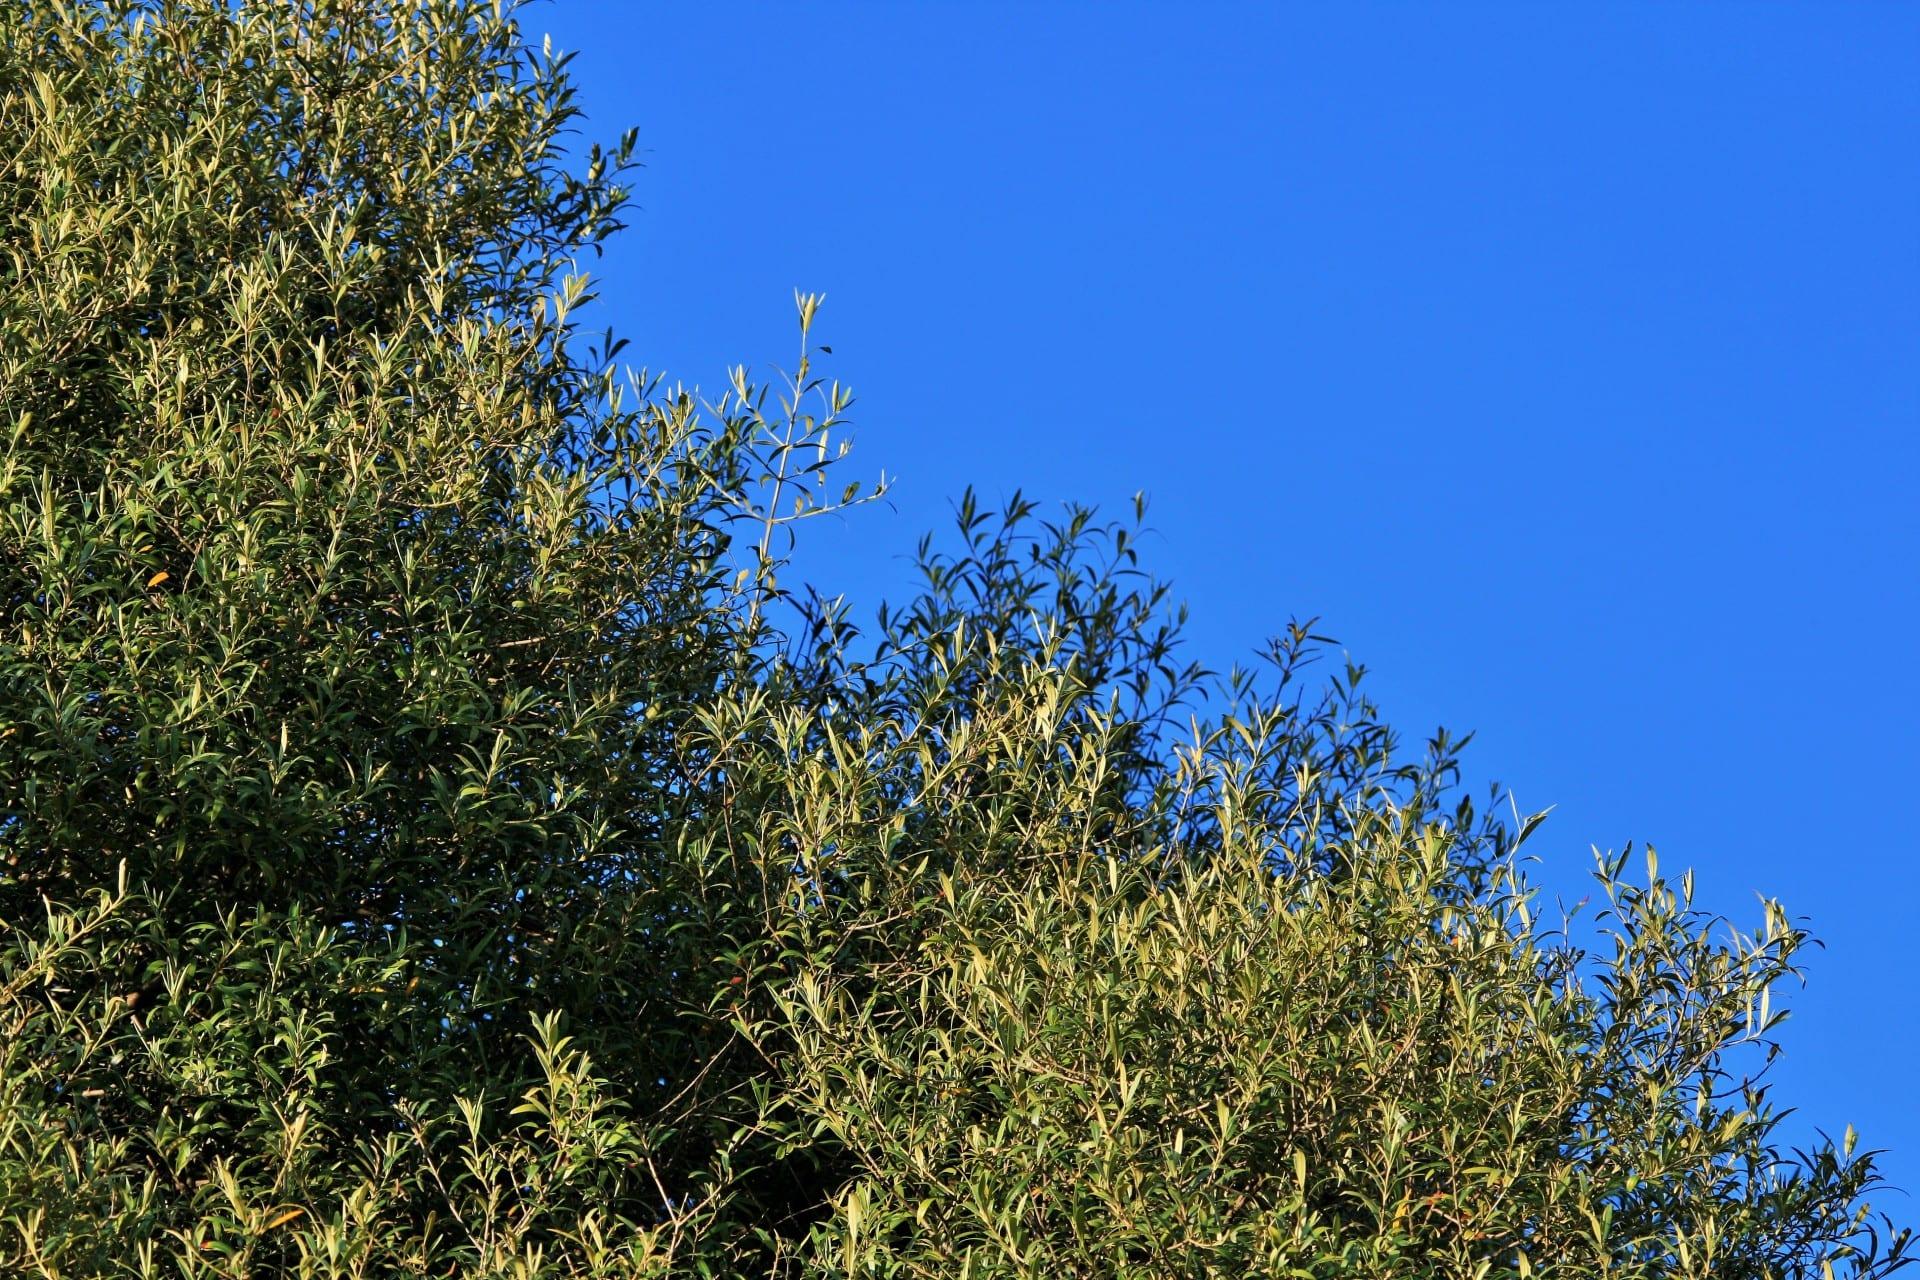 El acebuche es un árbol mediterráneo